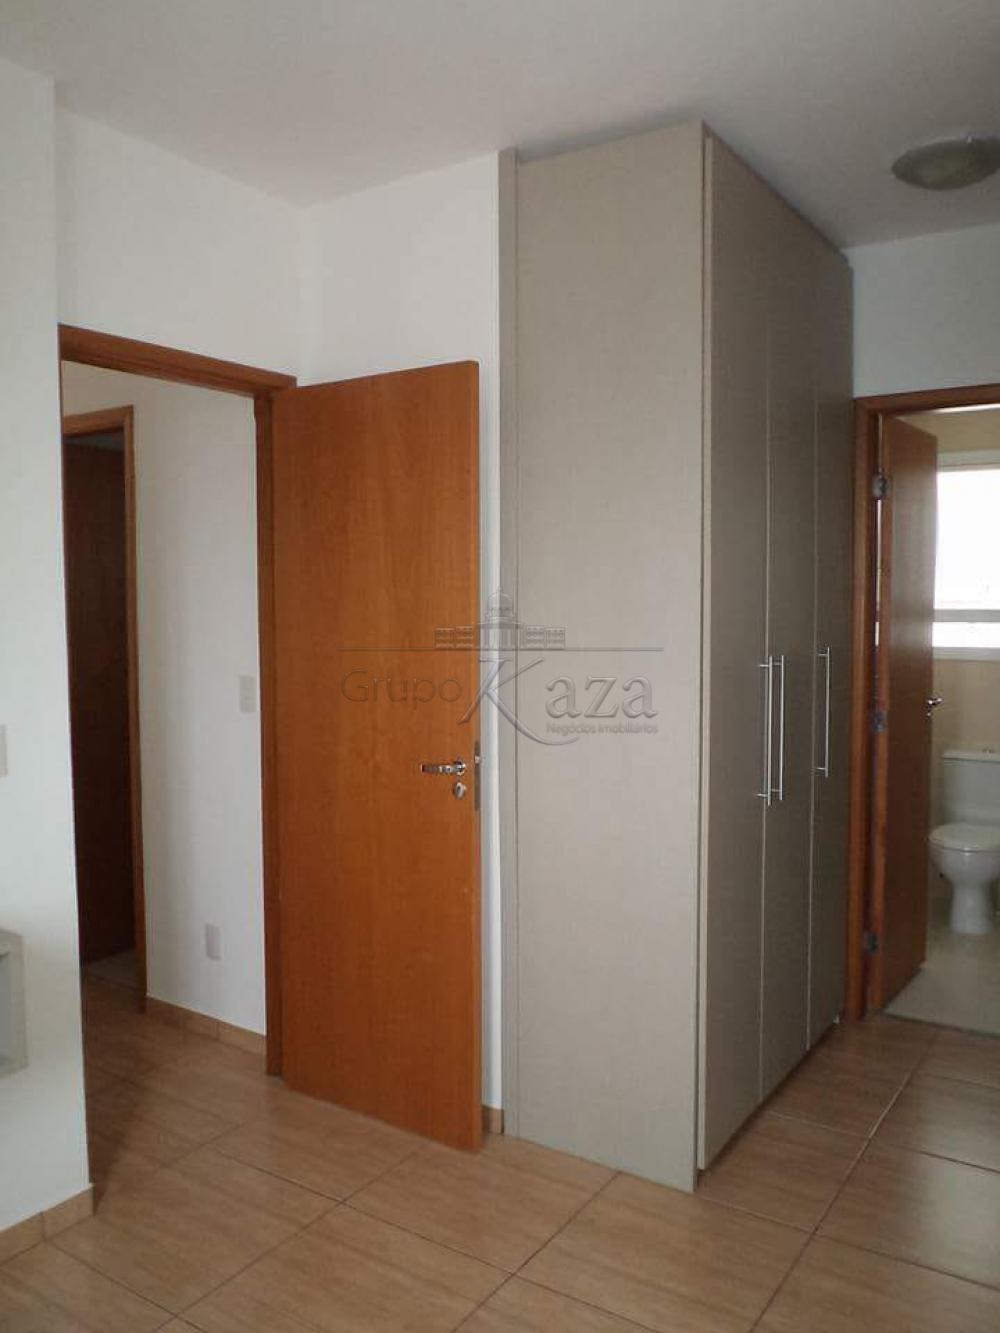 alt='Alugar Apartamento / Padrão em São José dos Campos R$ 1.250,00 - Foto 8' title='Alugar Apartamento / Padrão em São José dos Campos R$ 1.250,00 - Foto 8'